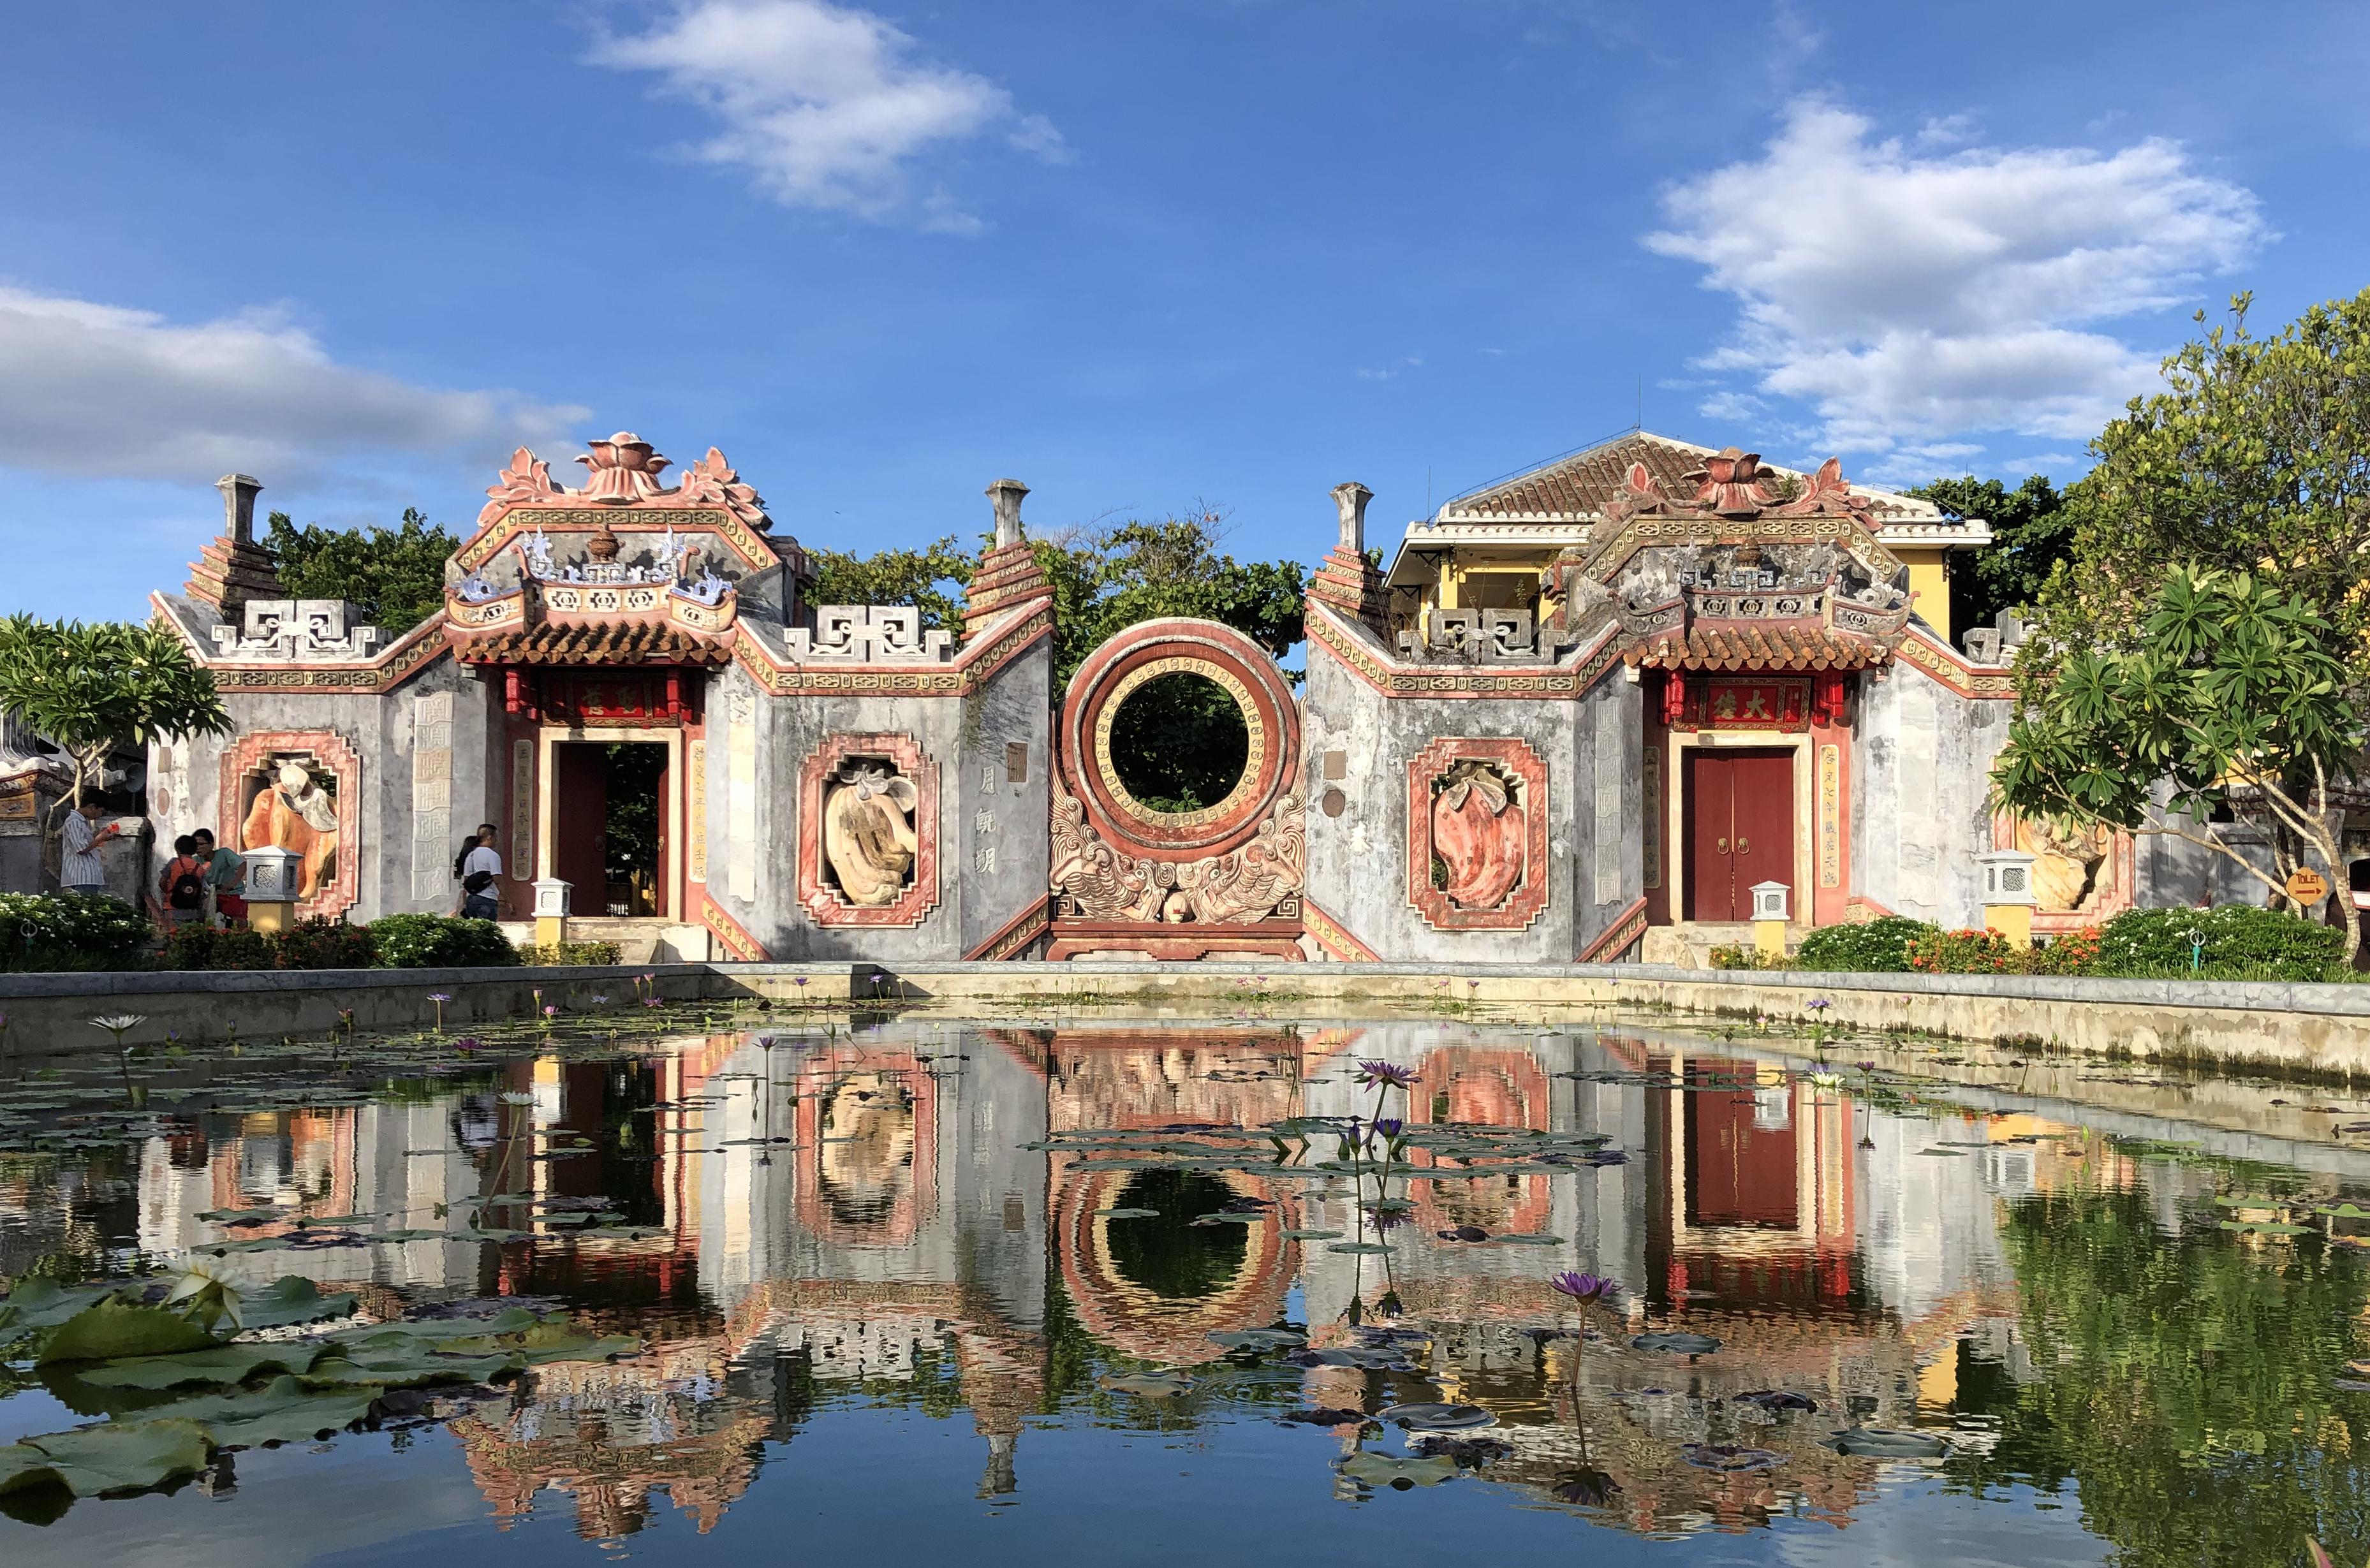 Hoi An Temple Entrance